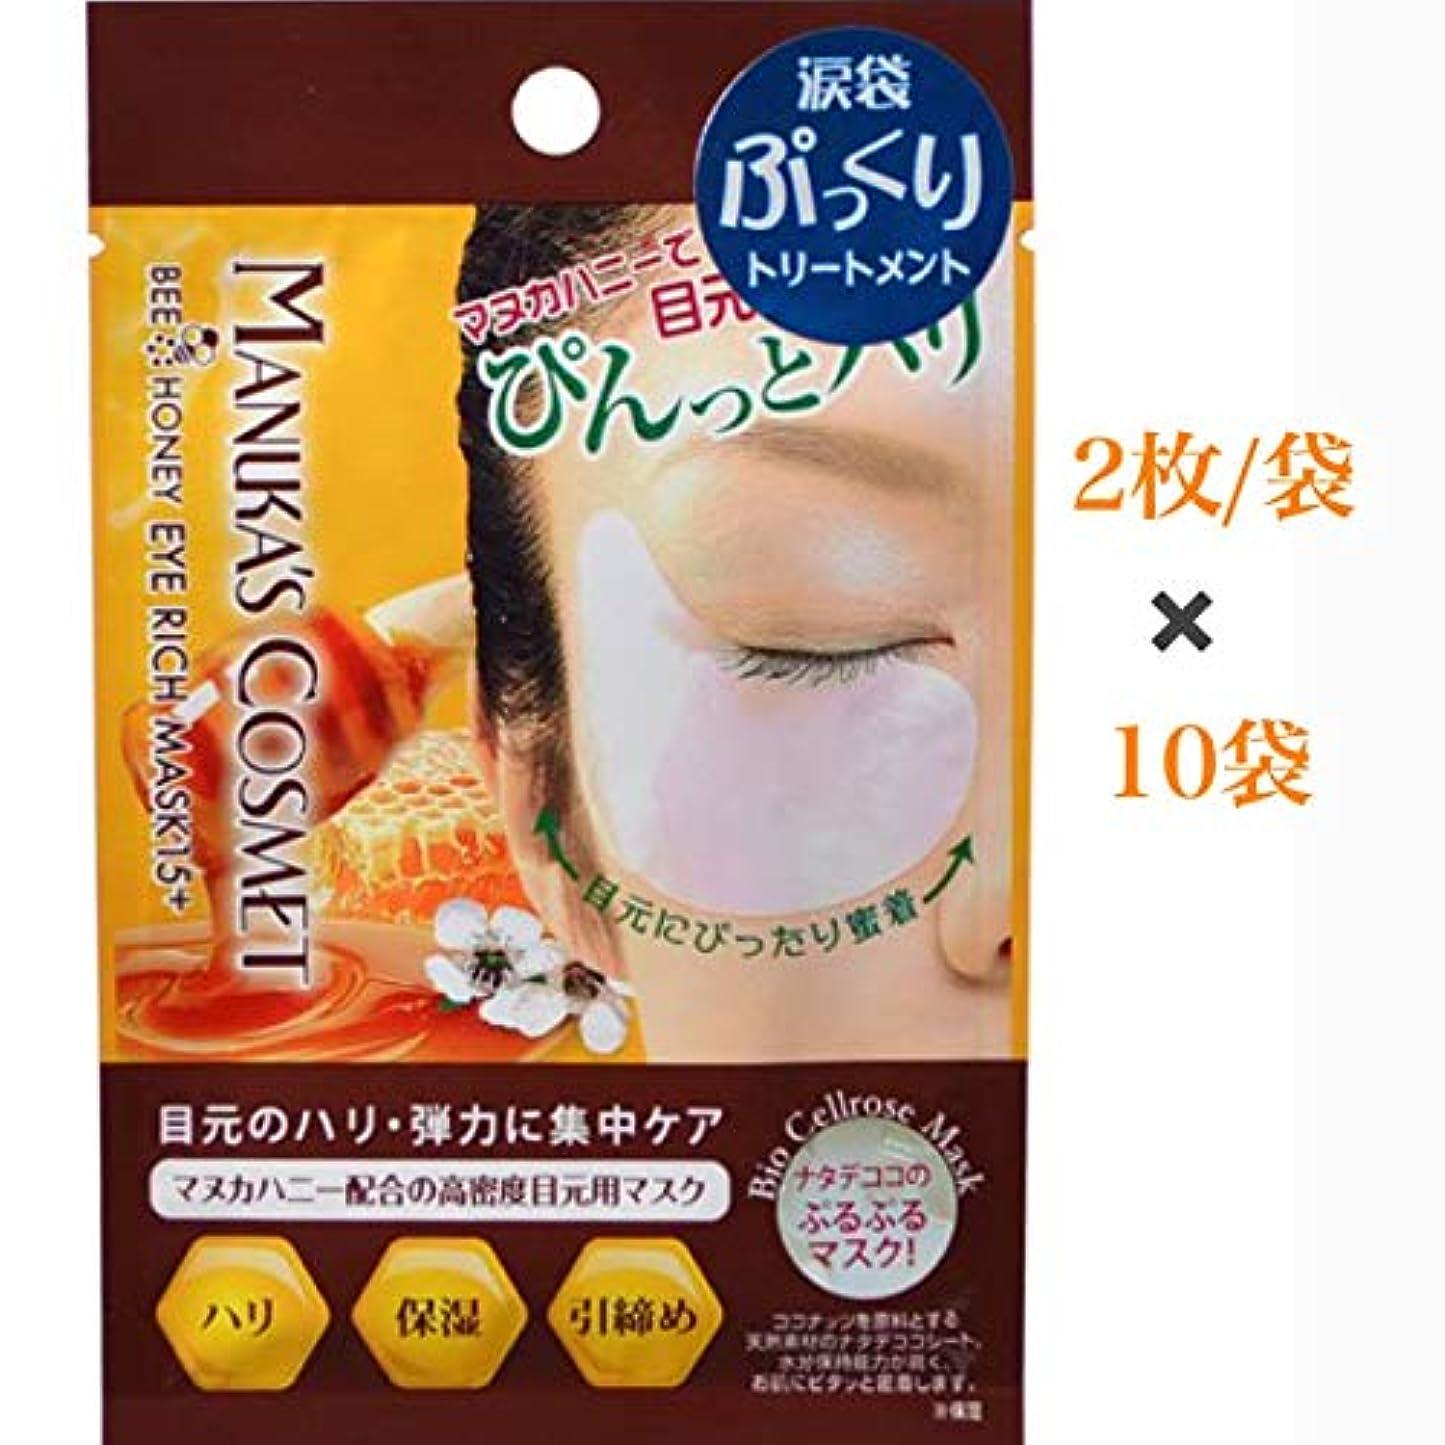 付録緑時代【マズカ コスメ】B&Dアイリッチマスク 目元美容マスク2枚/袋×10袋セット売りmimilife shop